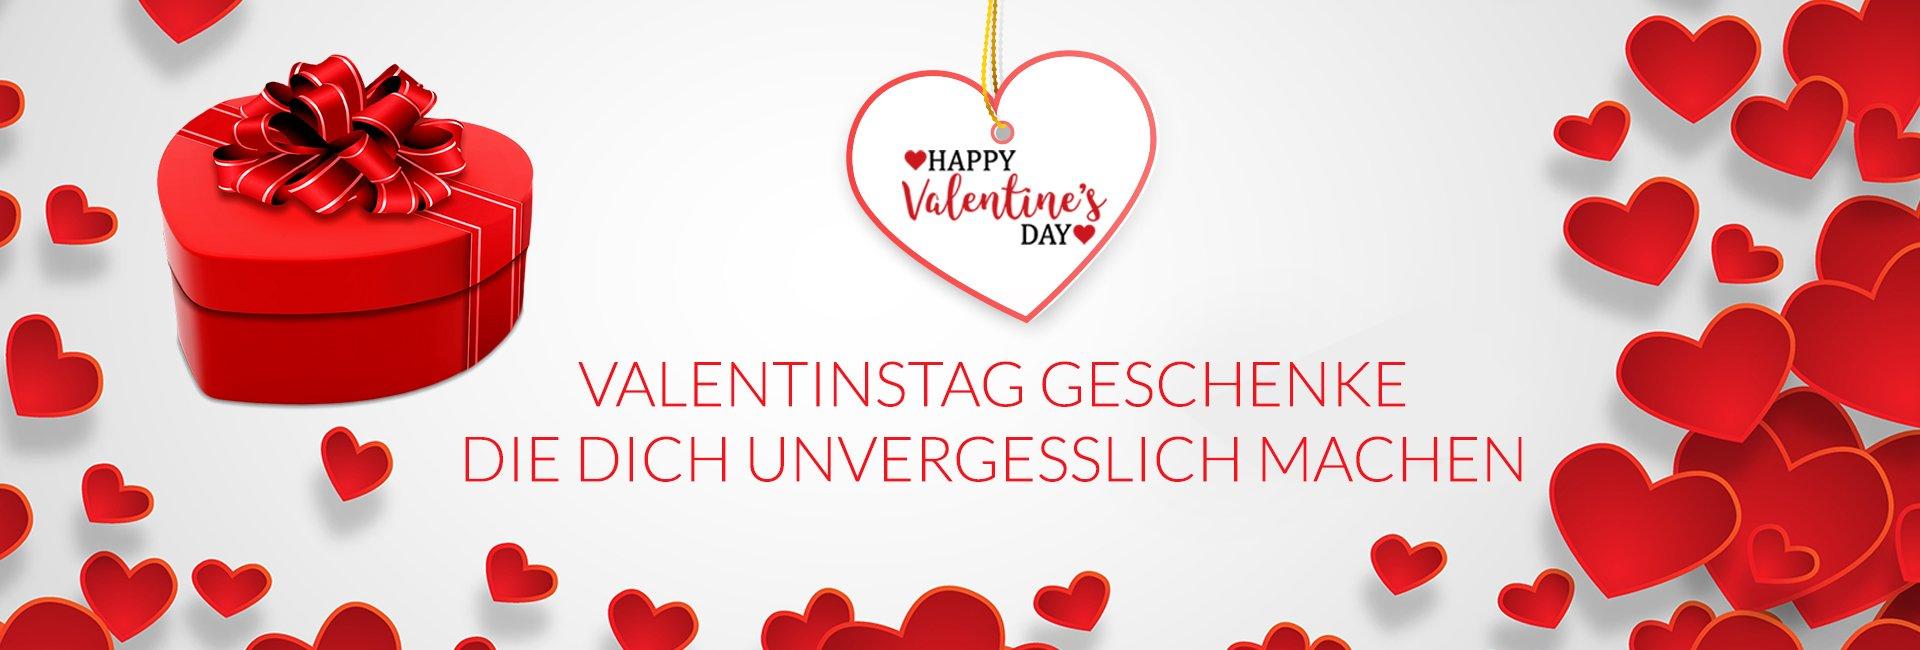 banne valentines yourchaines01